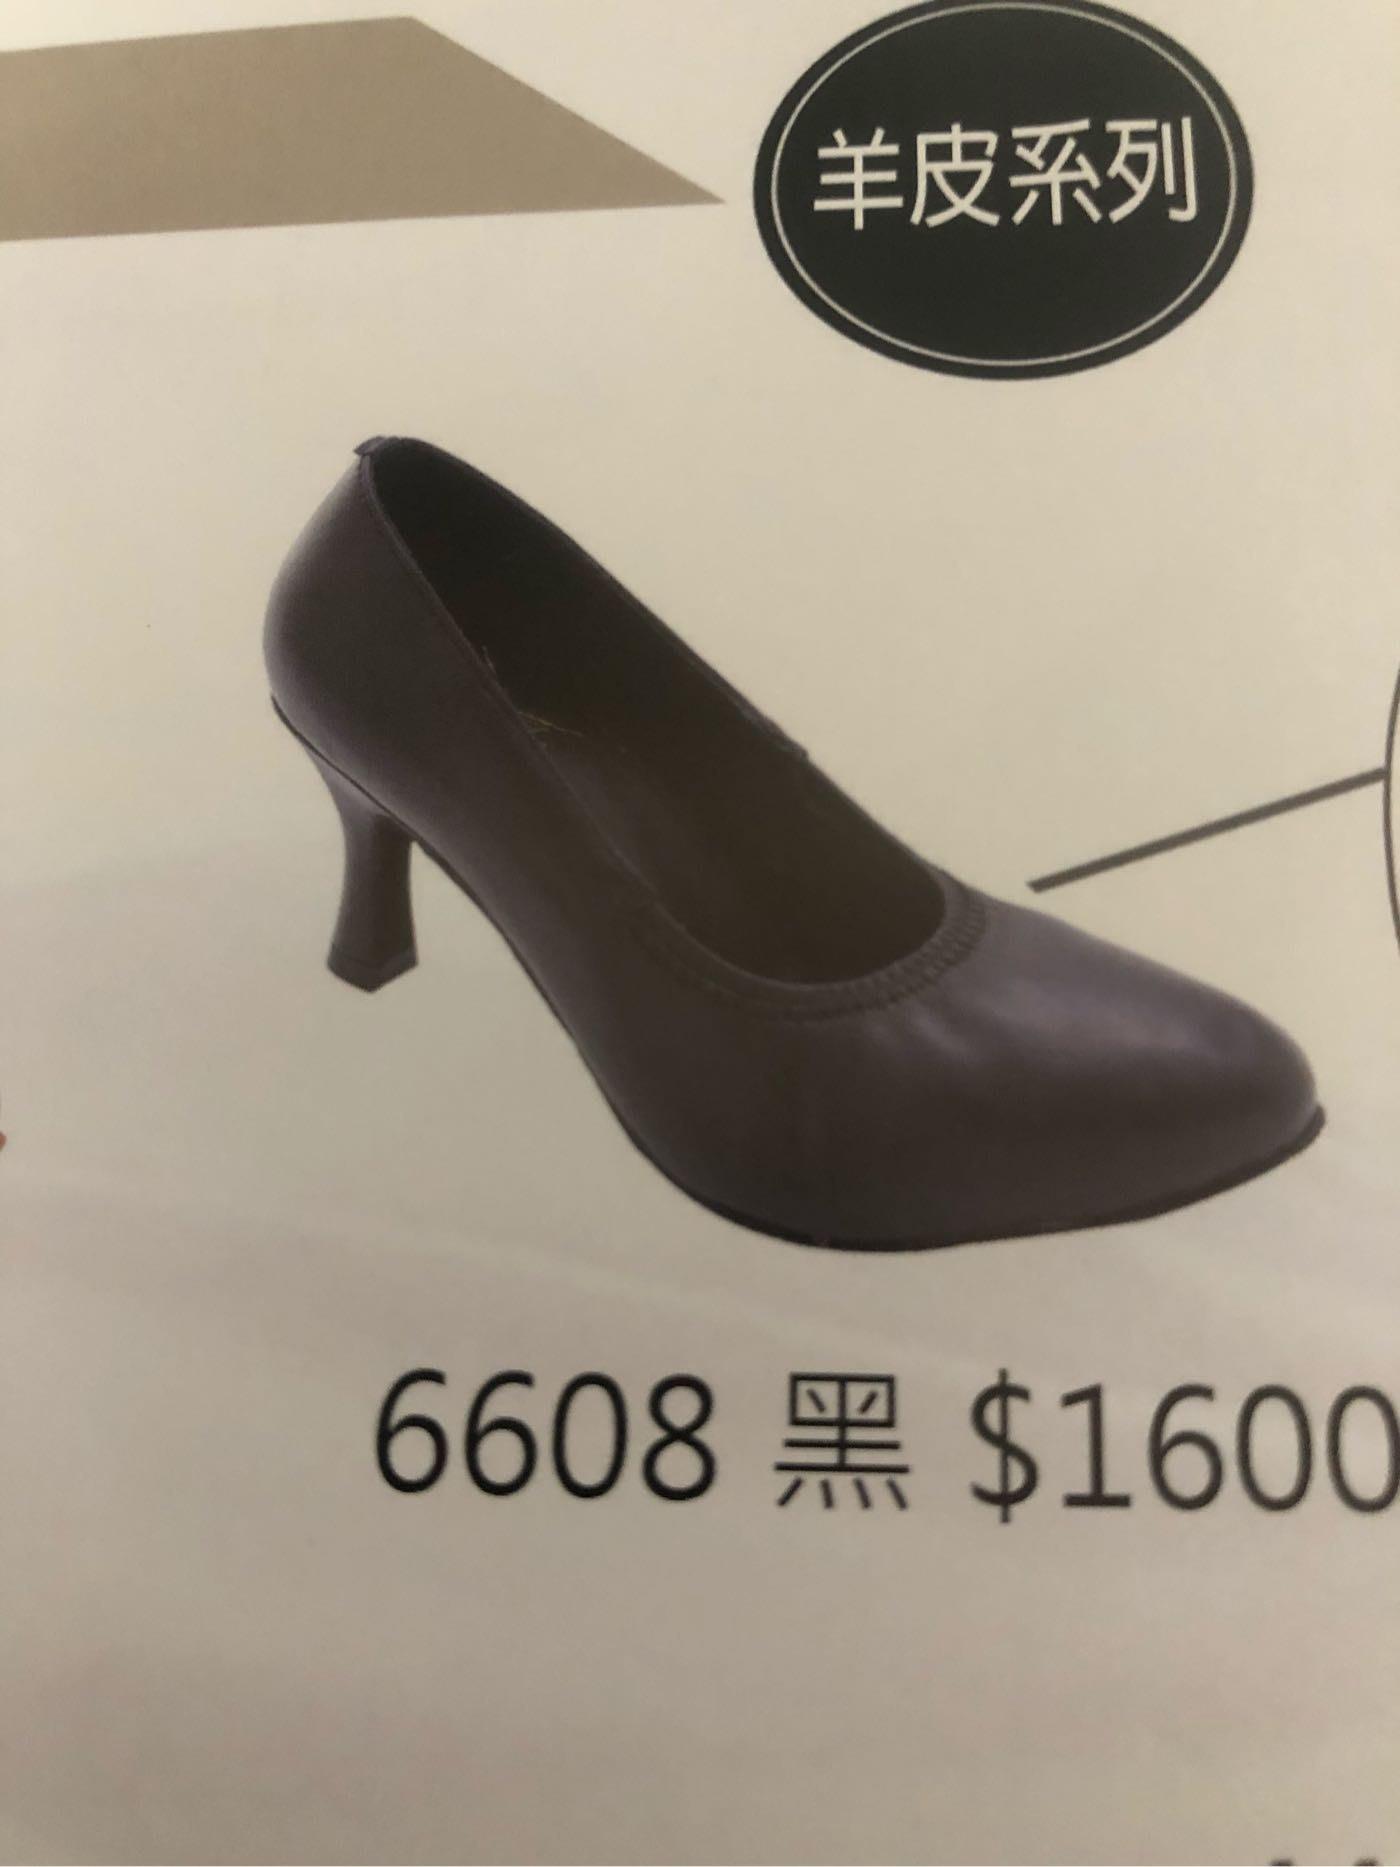 摩登舞鞋,羊皮舞鞋